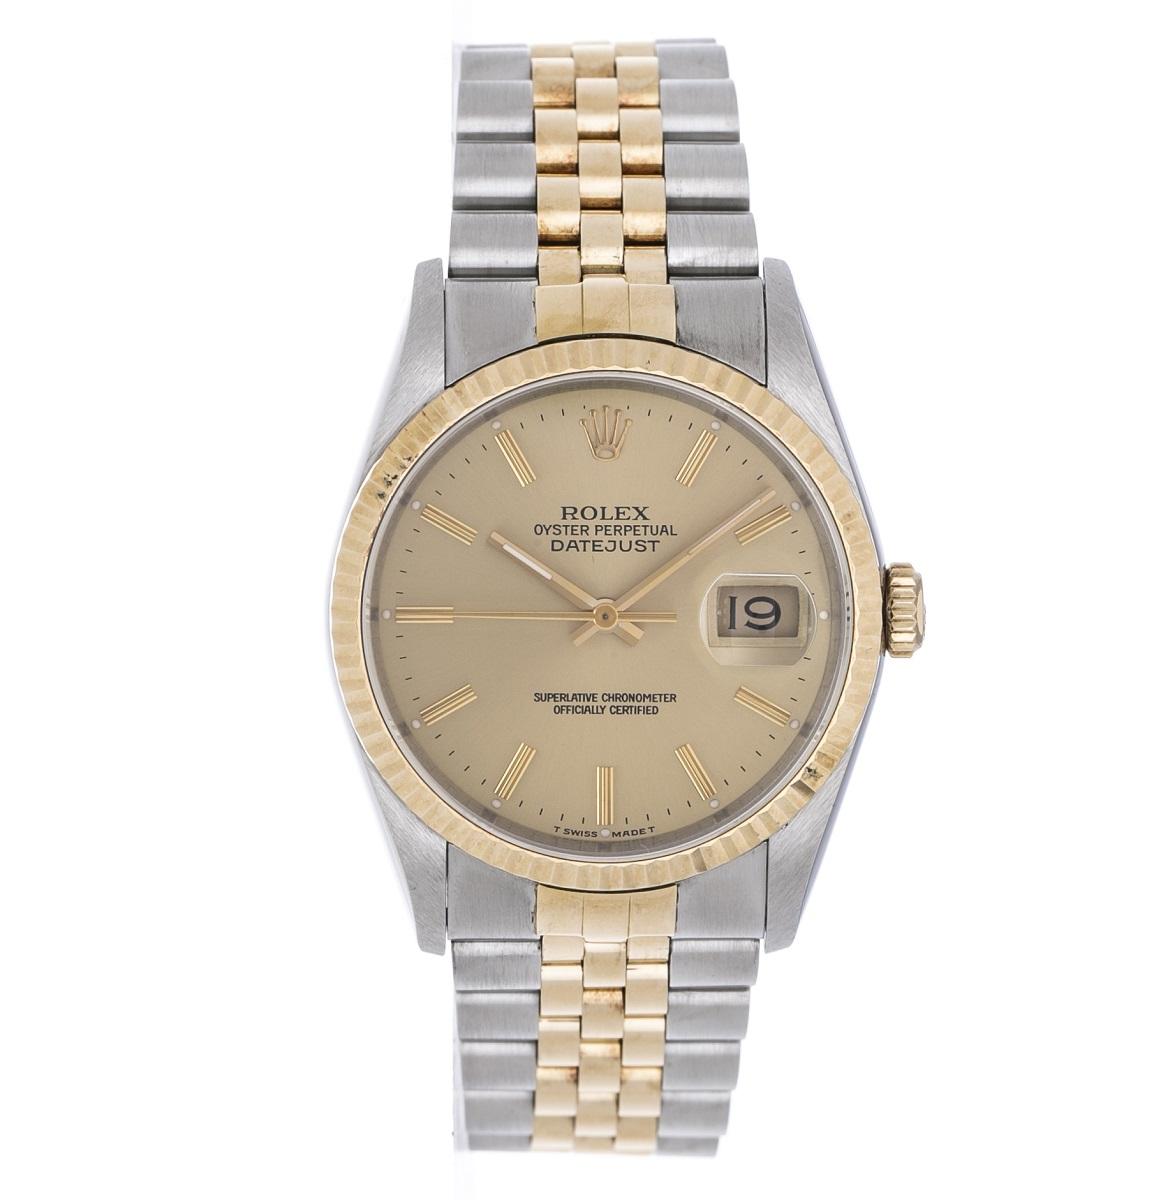 ROLEX ロレックス 16233 デイトジャスト SS/YG  メンズ E番 1990年 自動巻き  AT 腕時計 送料無料【トレジャースポット】【中古】